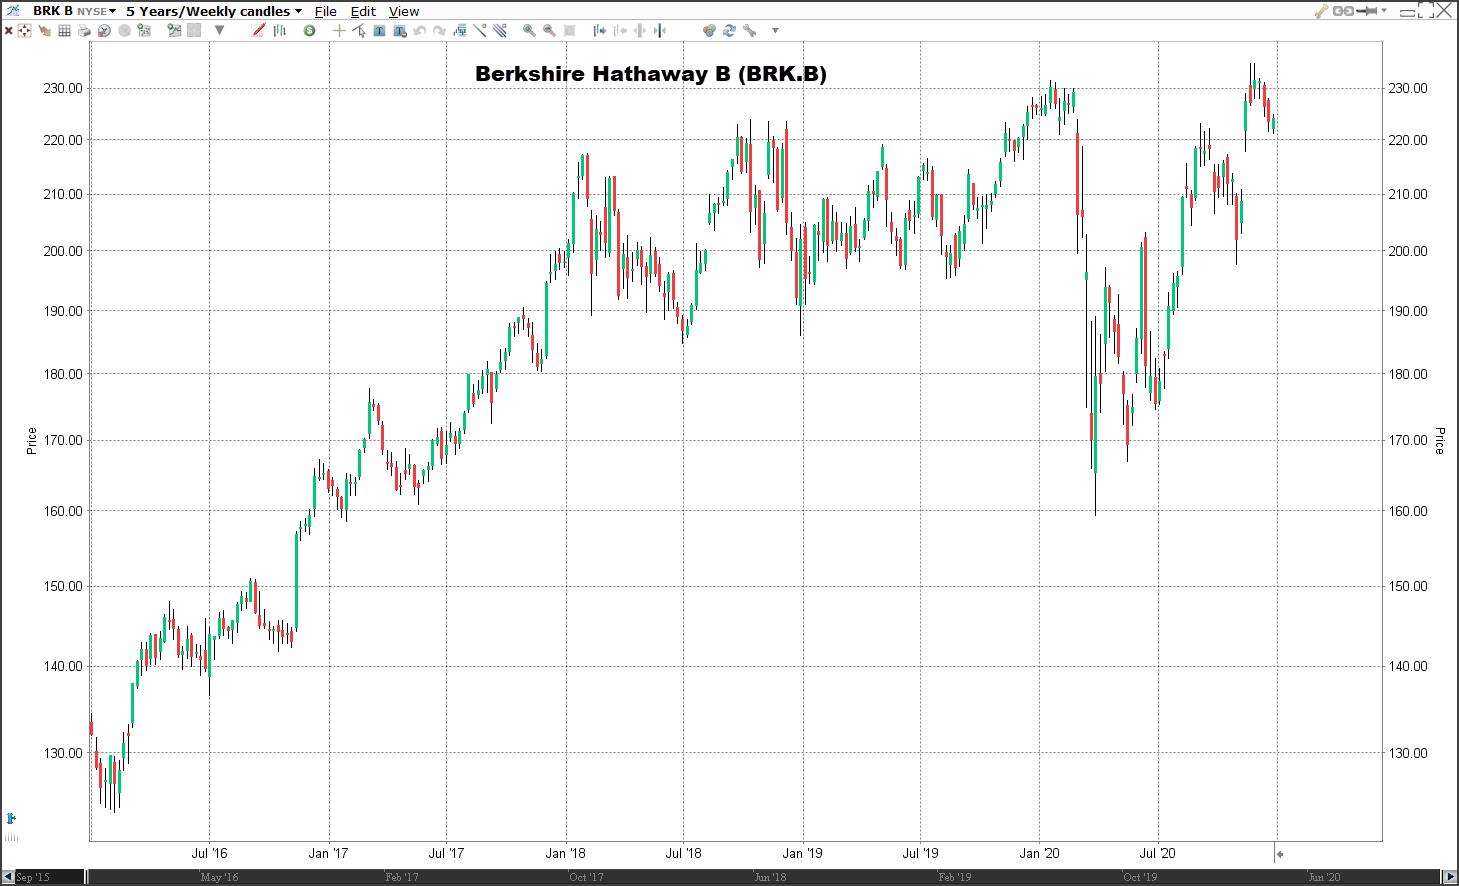 Aandeel Berkshire Hathaway koers | Welke aandelen kopen 2021?